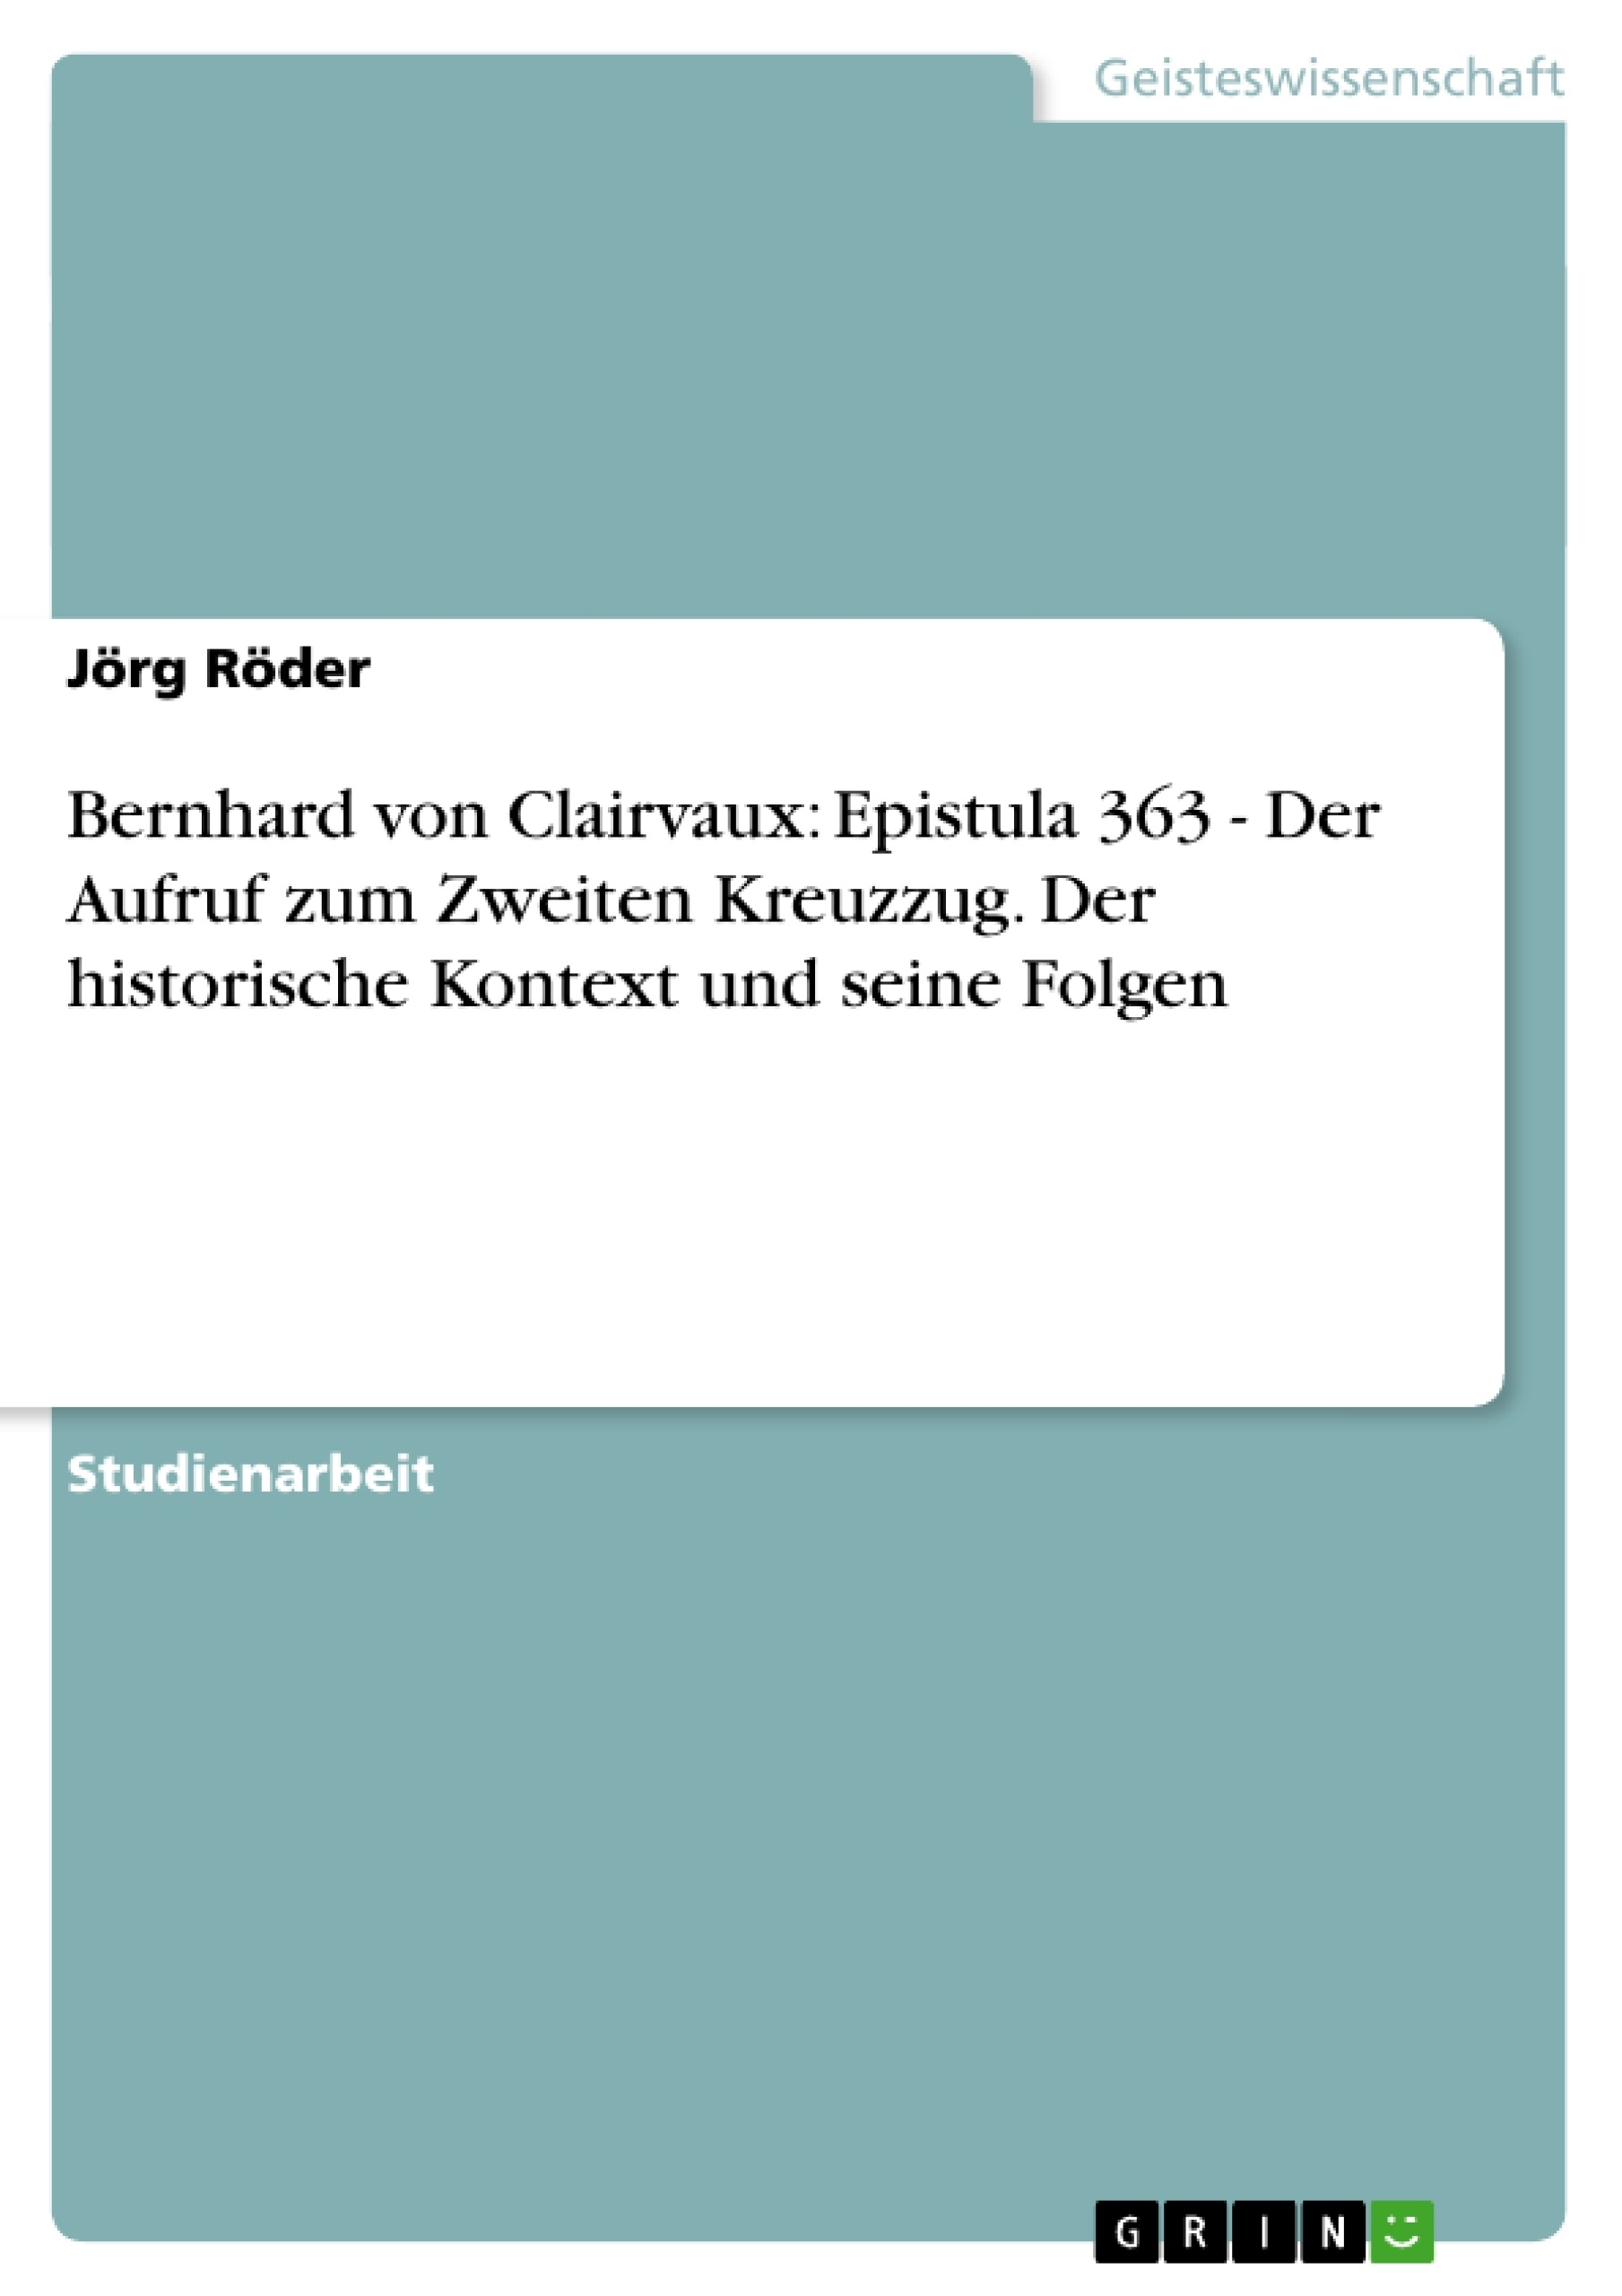 Titel: Bernhard von Clairvaux: Epistula 363 - Der Aufruf zum Zweiten Kreuzzug. Der historische Kontext und seine Folgen